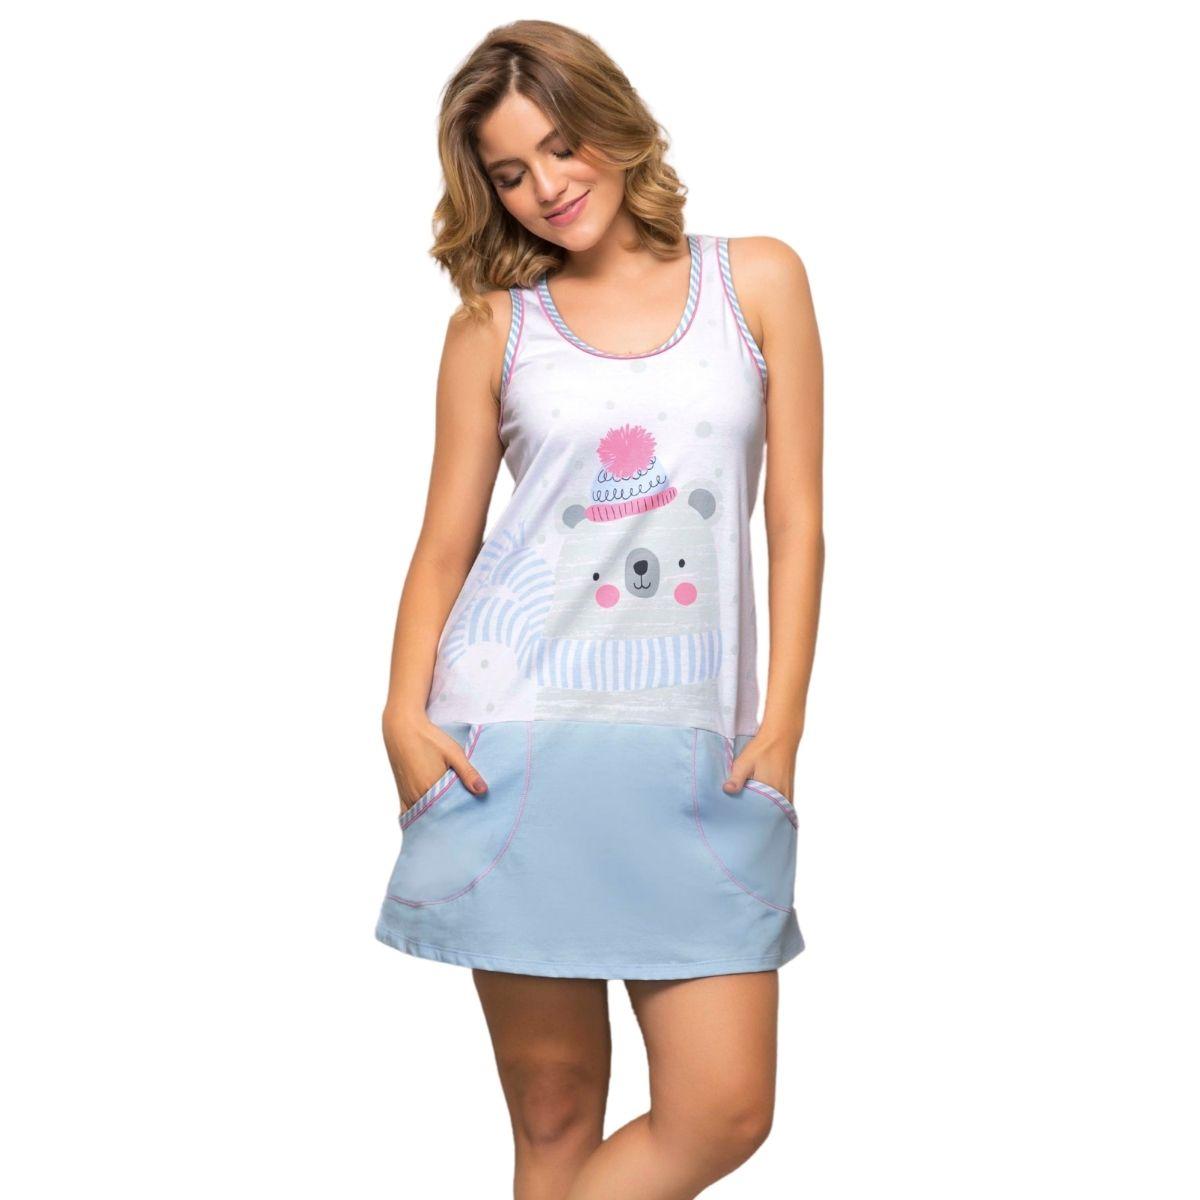 Camisão regata feminino algodão camisola ursinho c/ bolso